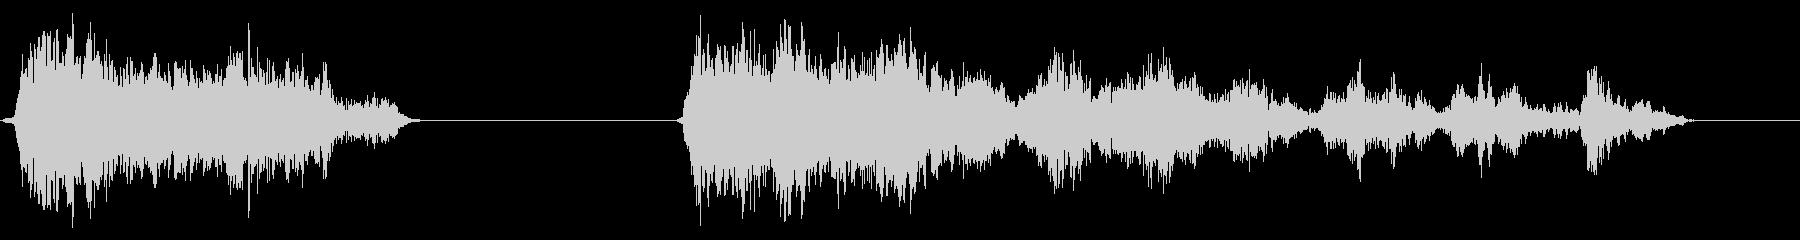 ホイッスル、グループ、2バージョン...の未再生の波形